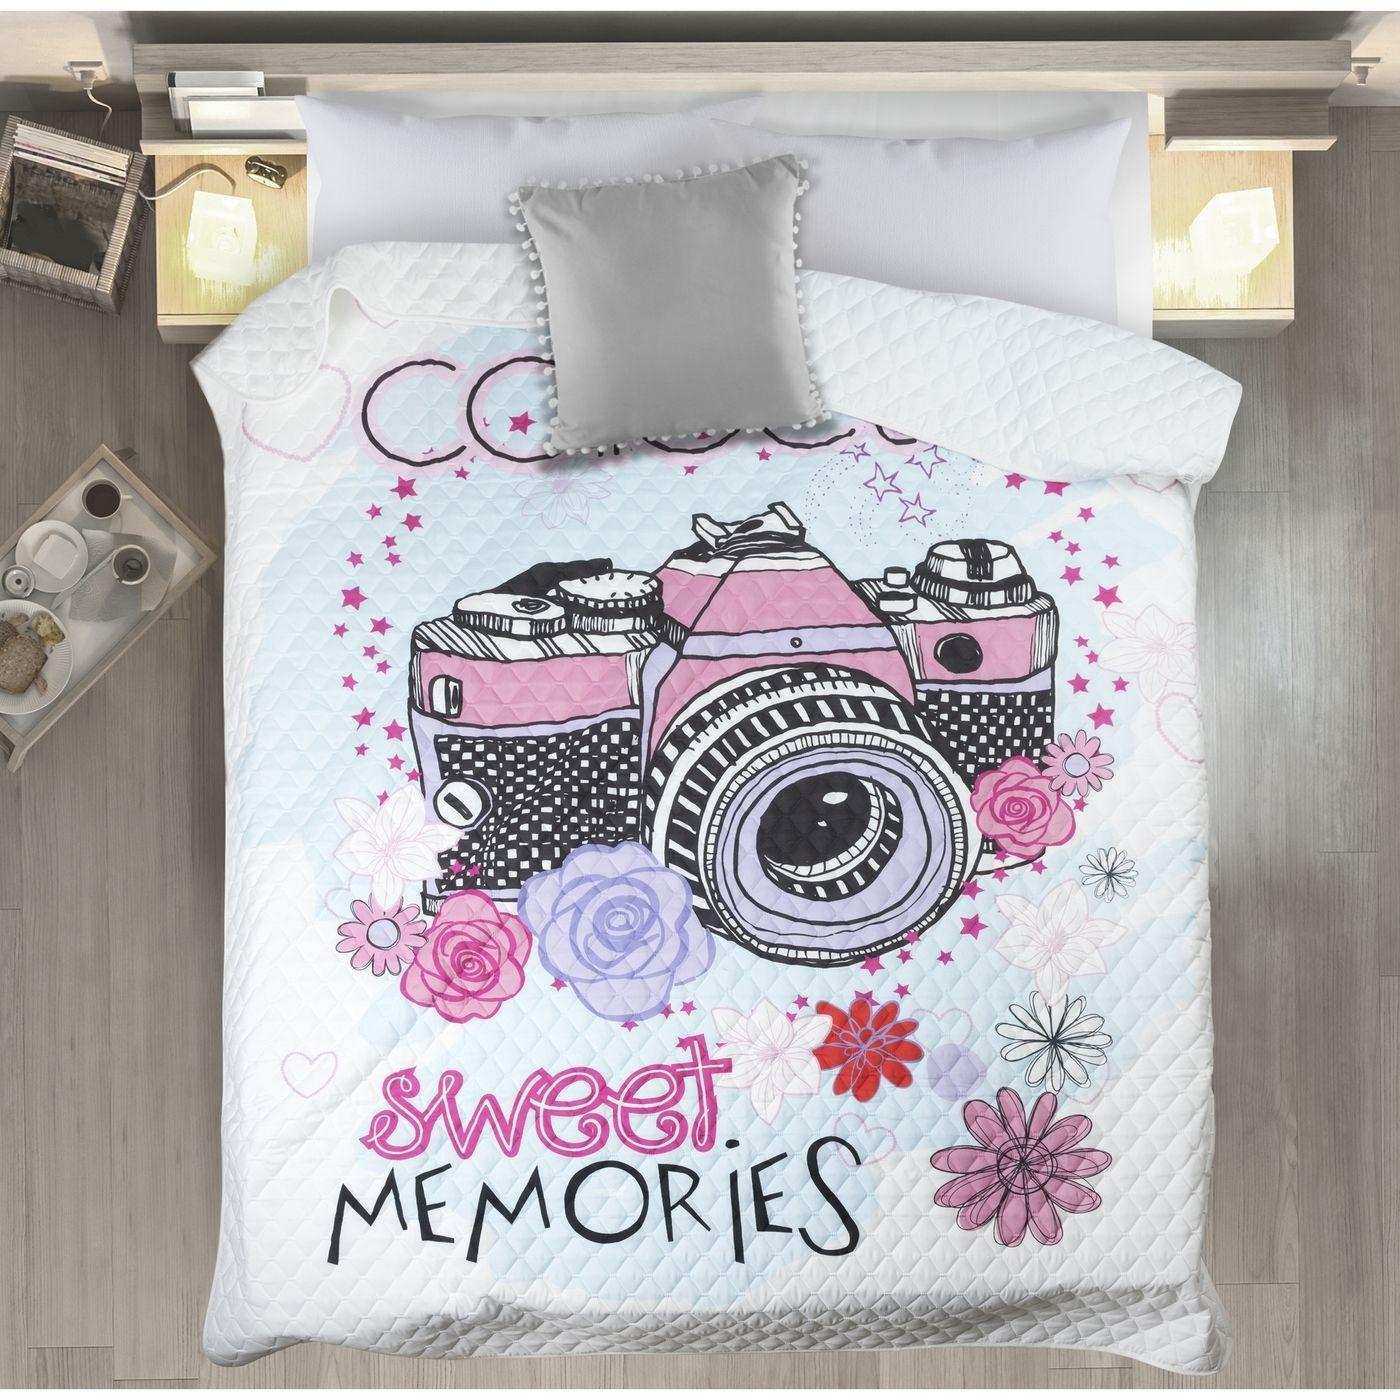 Sweet narzuta na łóżko młodzieżowa od Design 91 200x220 cm